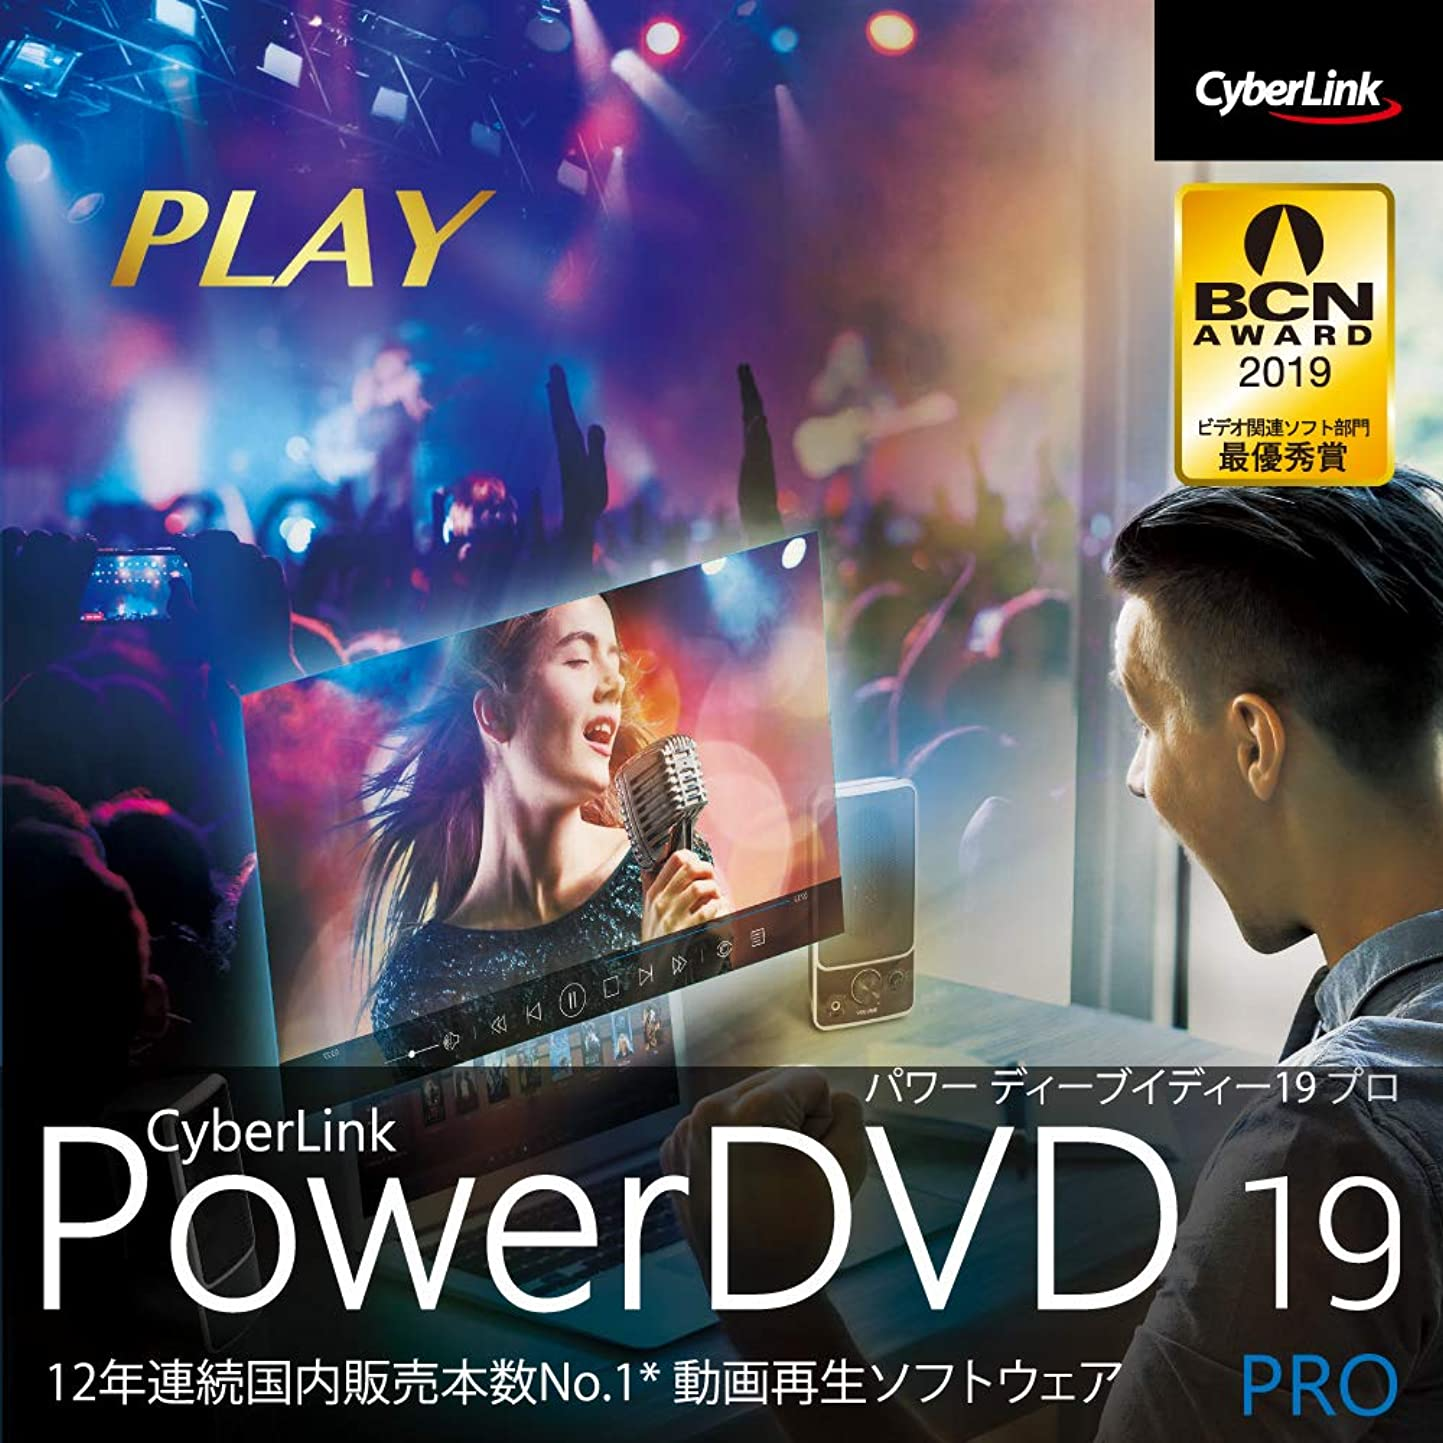 梨トンネルしないPowerDVD 19 Pro|ダウンロード版